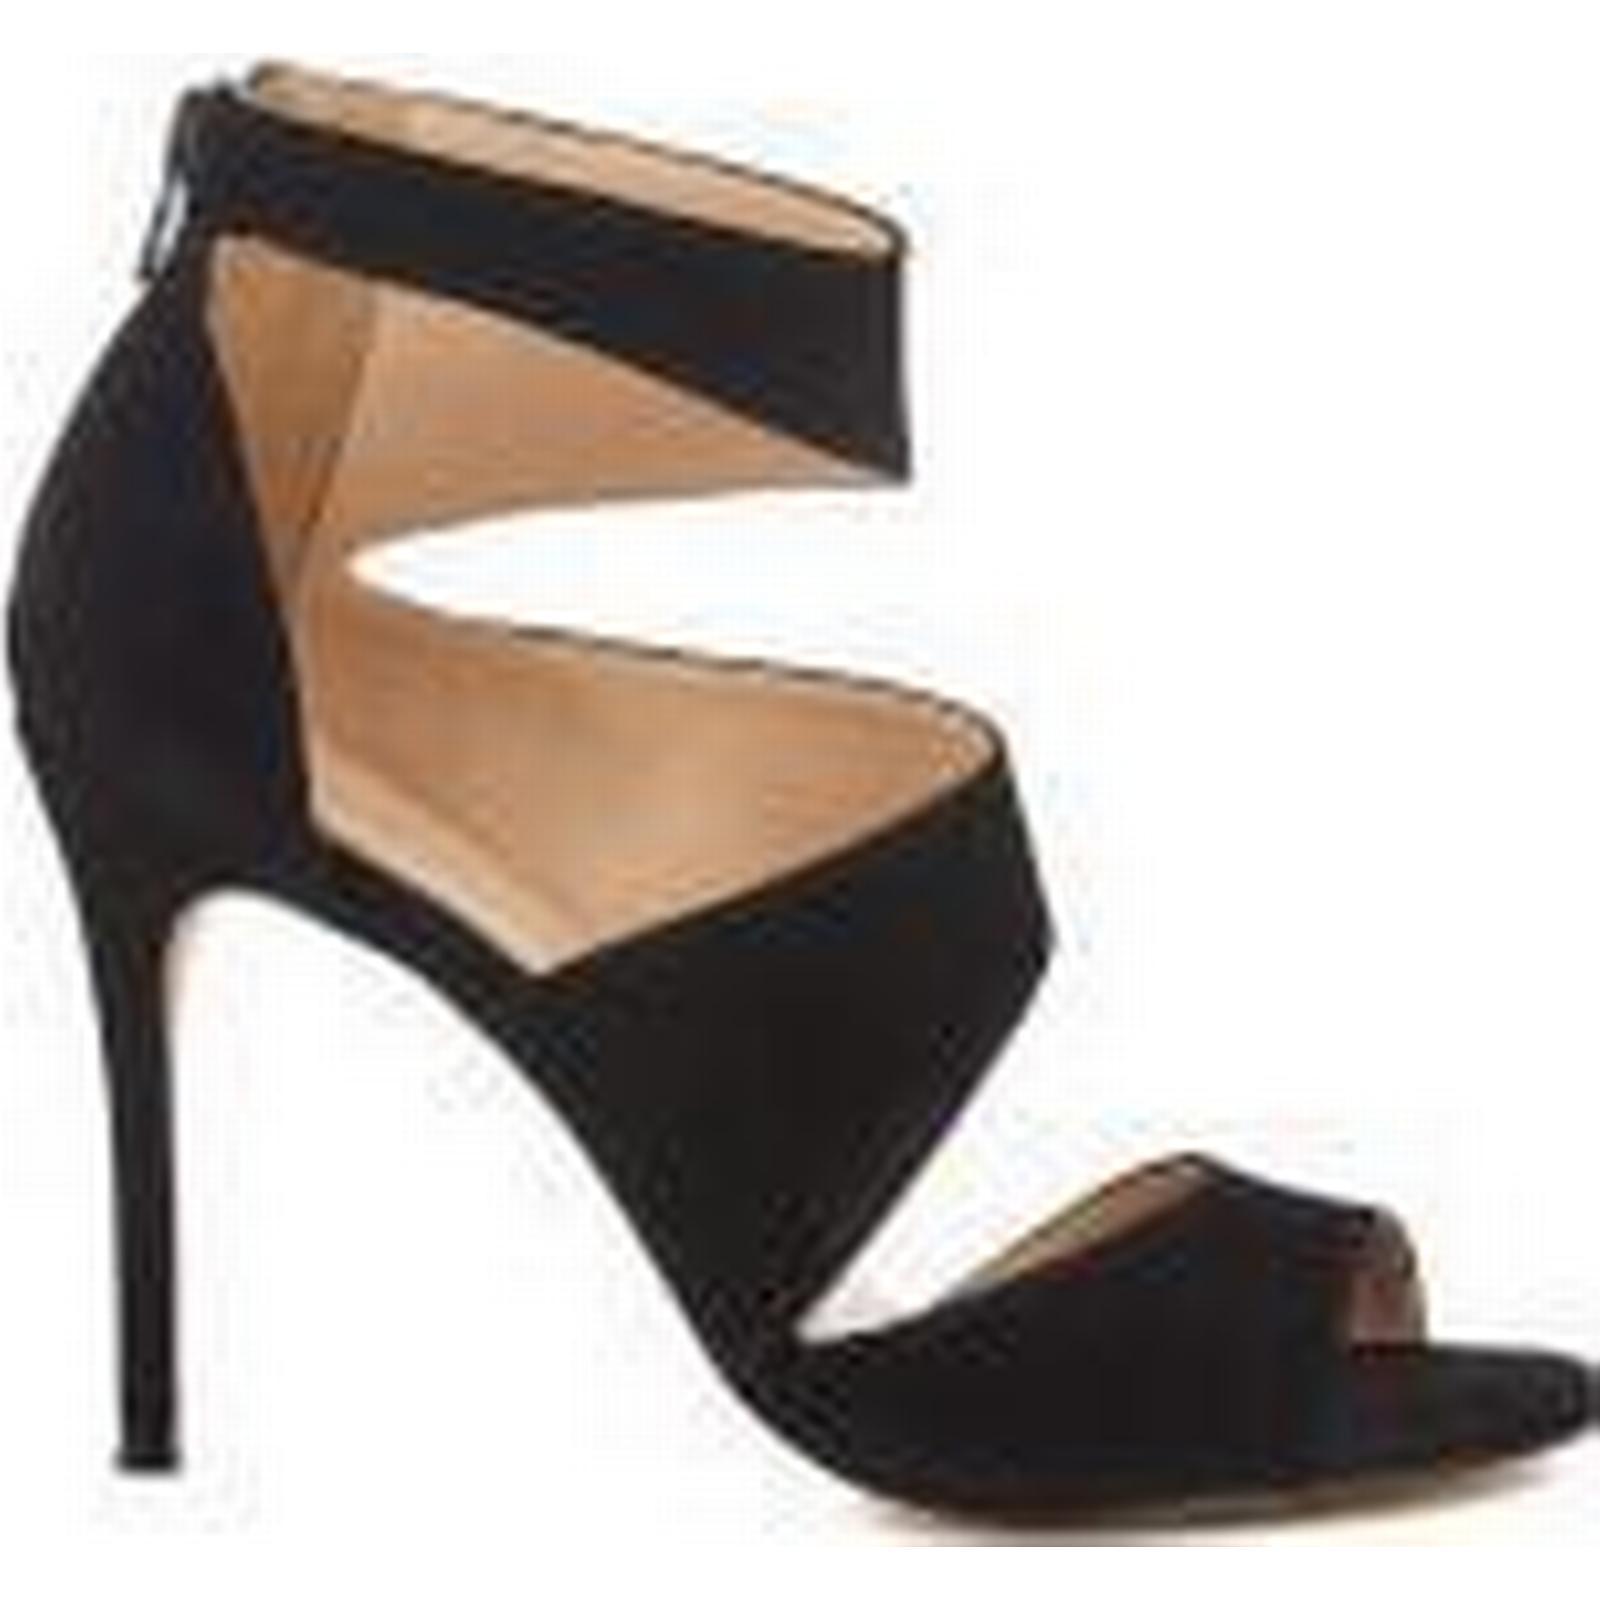 carvela femmes & #  ; s gene - daim de triple sangle incliné sandales - gene Noir  - royaume - uni  - noir 6443b7